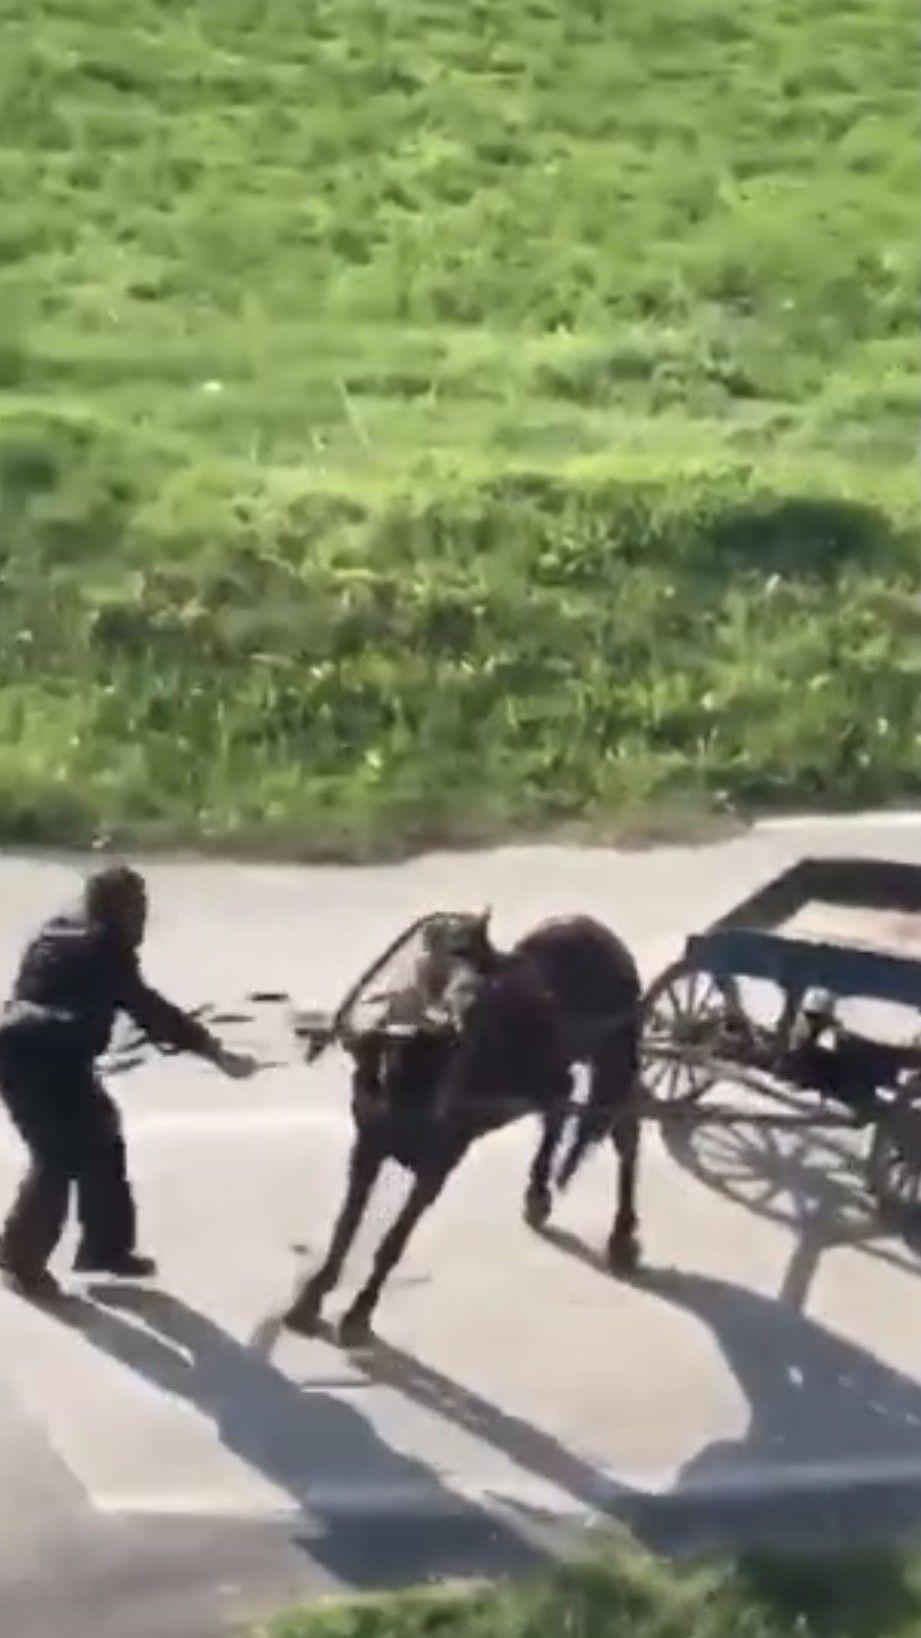 İnsafsız adam yükü çekmeyen atı böyle kırbaçladı! video izle - Sayfa 4